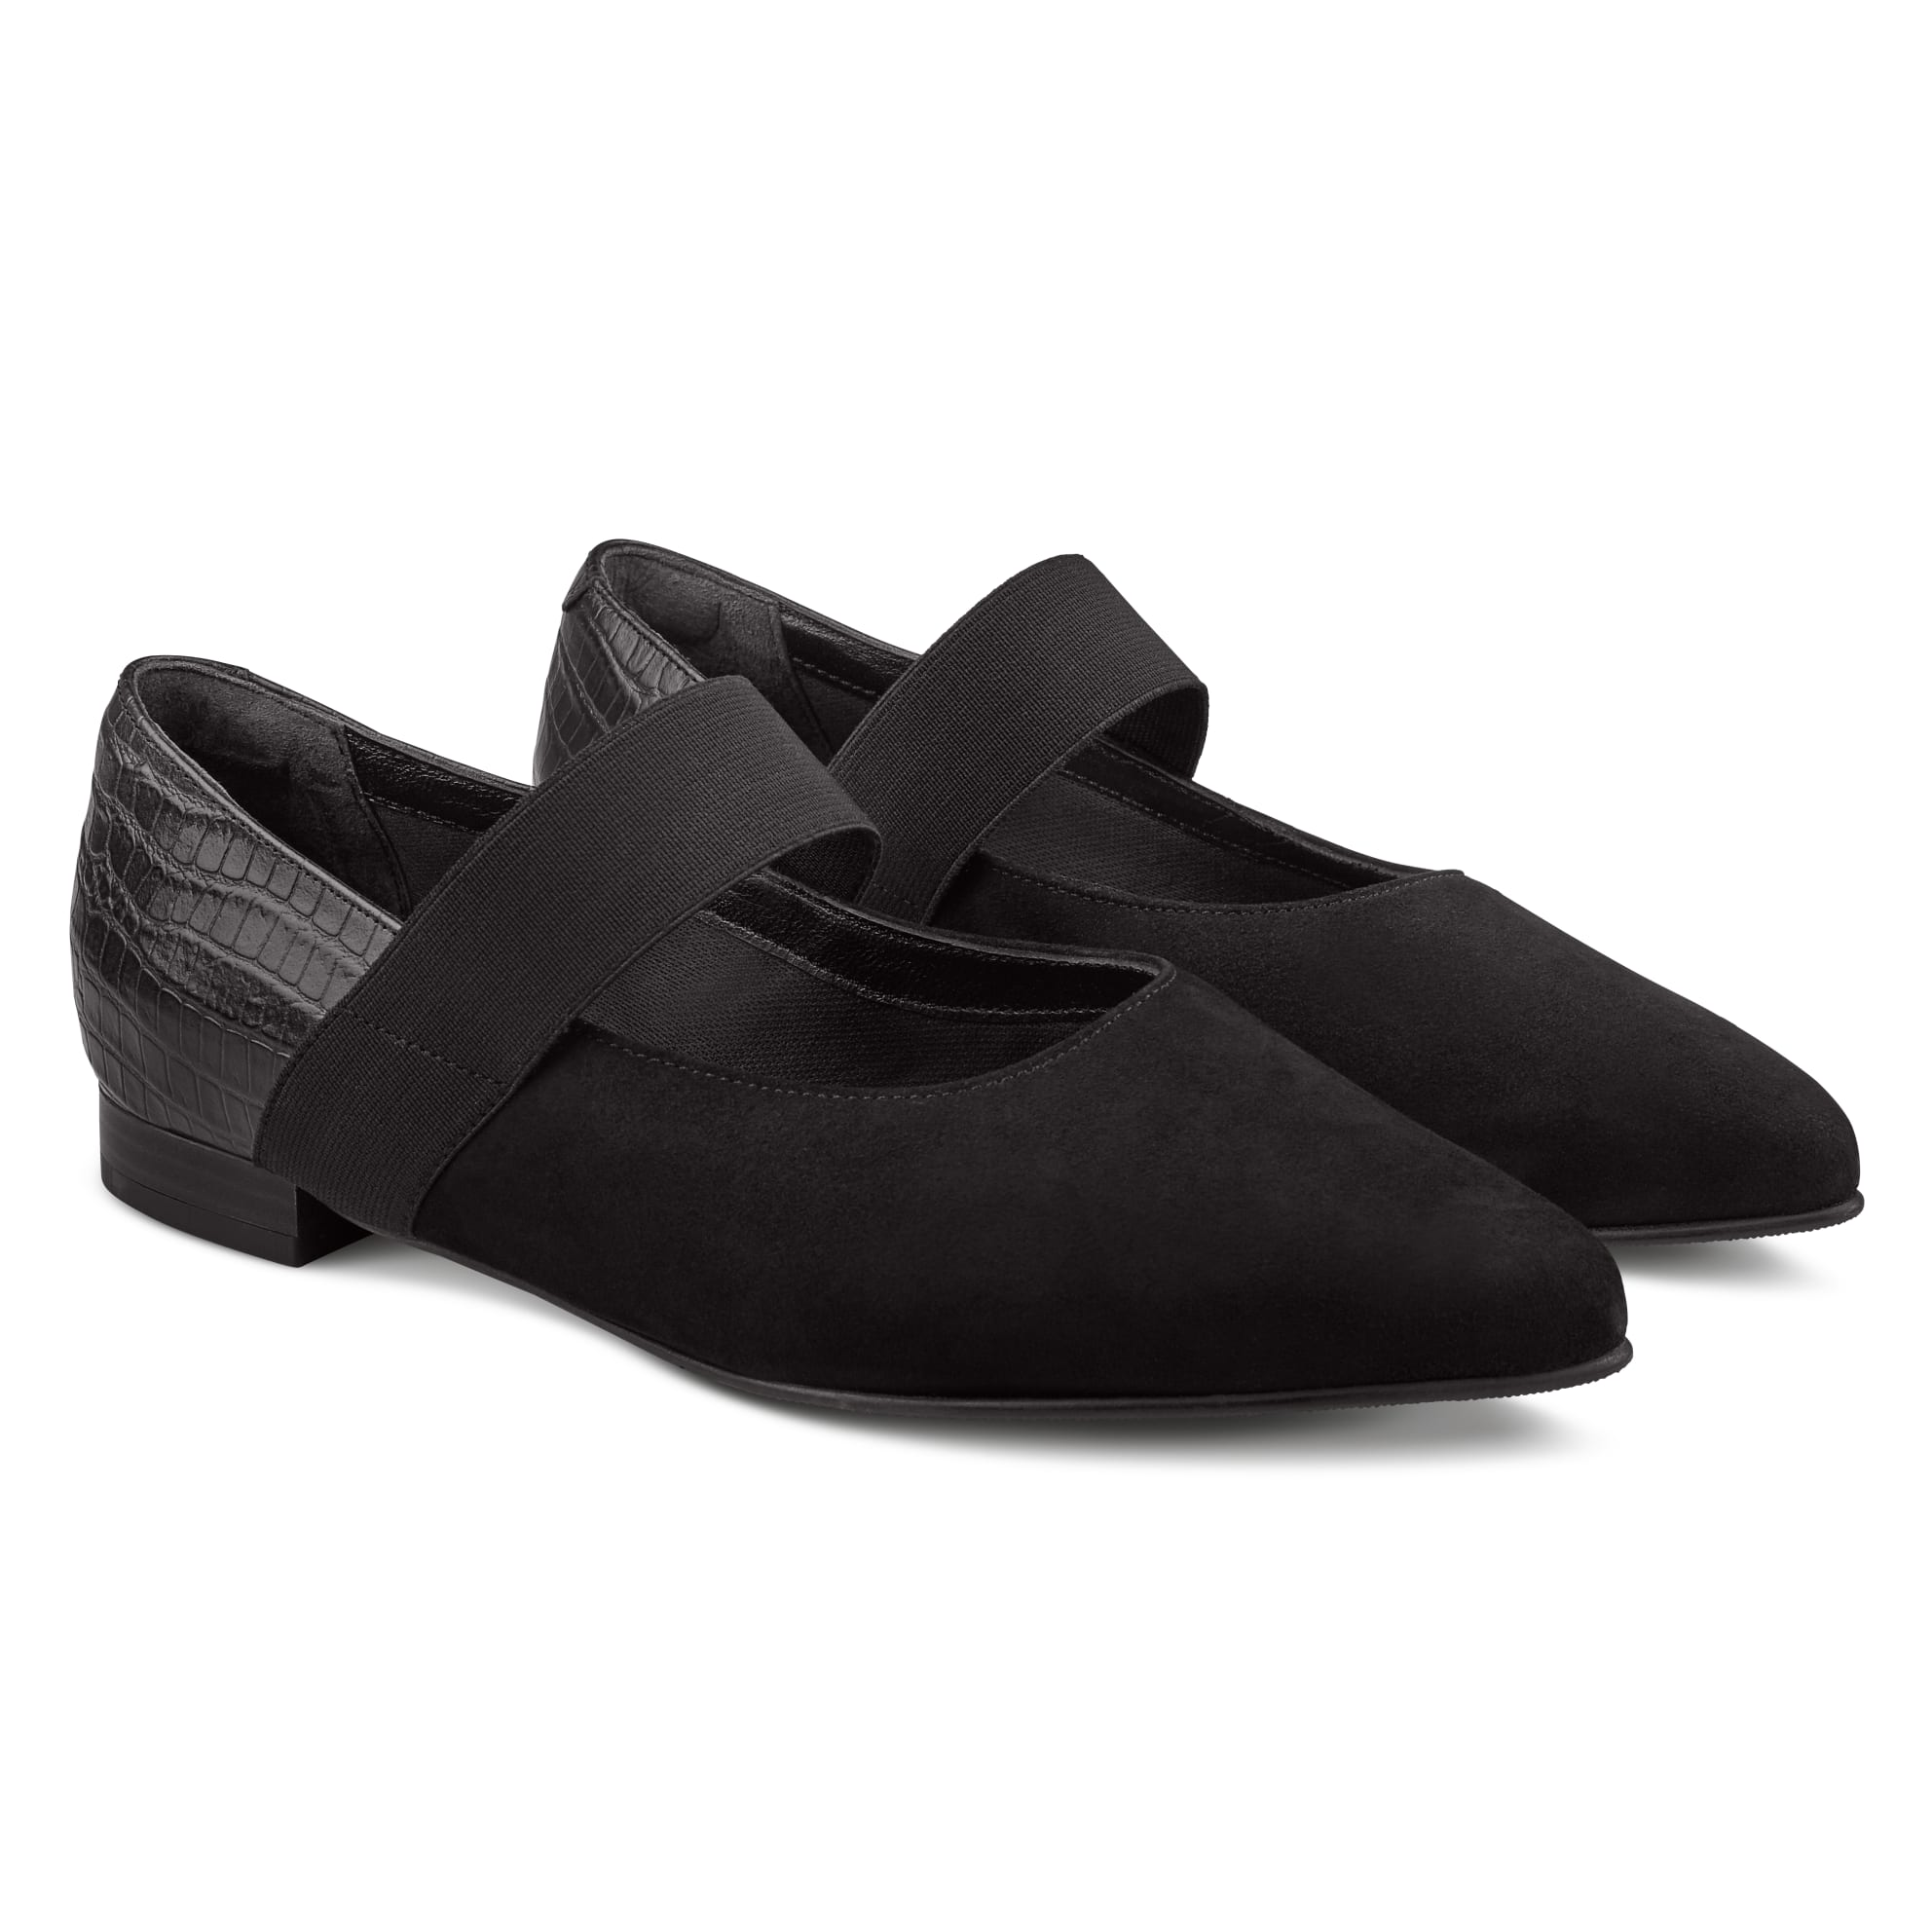 Ballerina mit Kroko und Stretchriemchen Schwarz – modischer und bequemer Schuh für Hallux valgus und empfindliche Füße von LaShoe.de